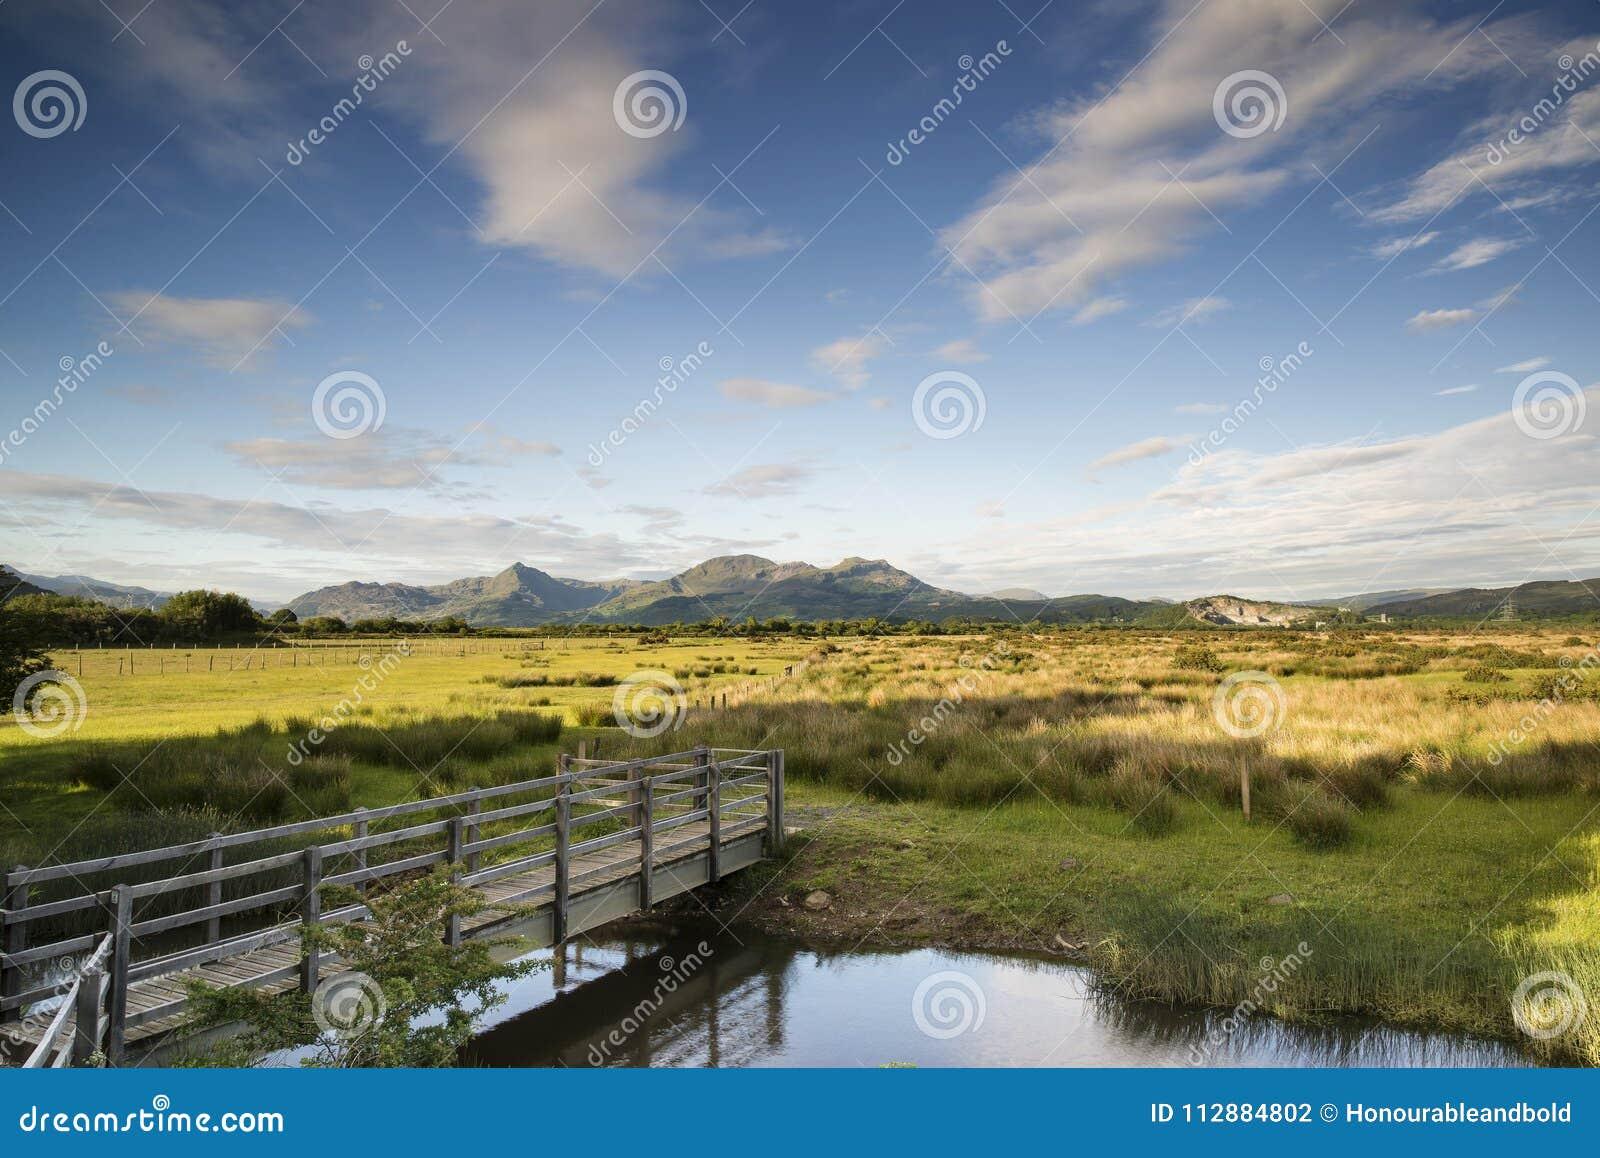 观看a_在a期间,观看看往snowdonia山脉风景